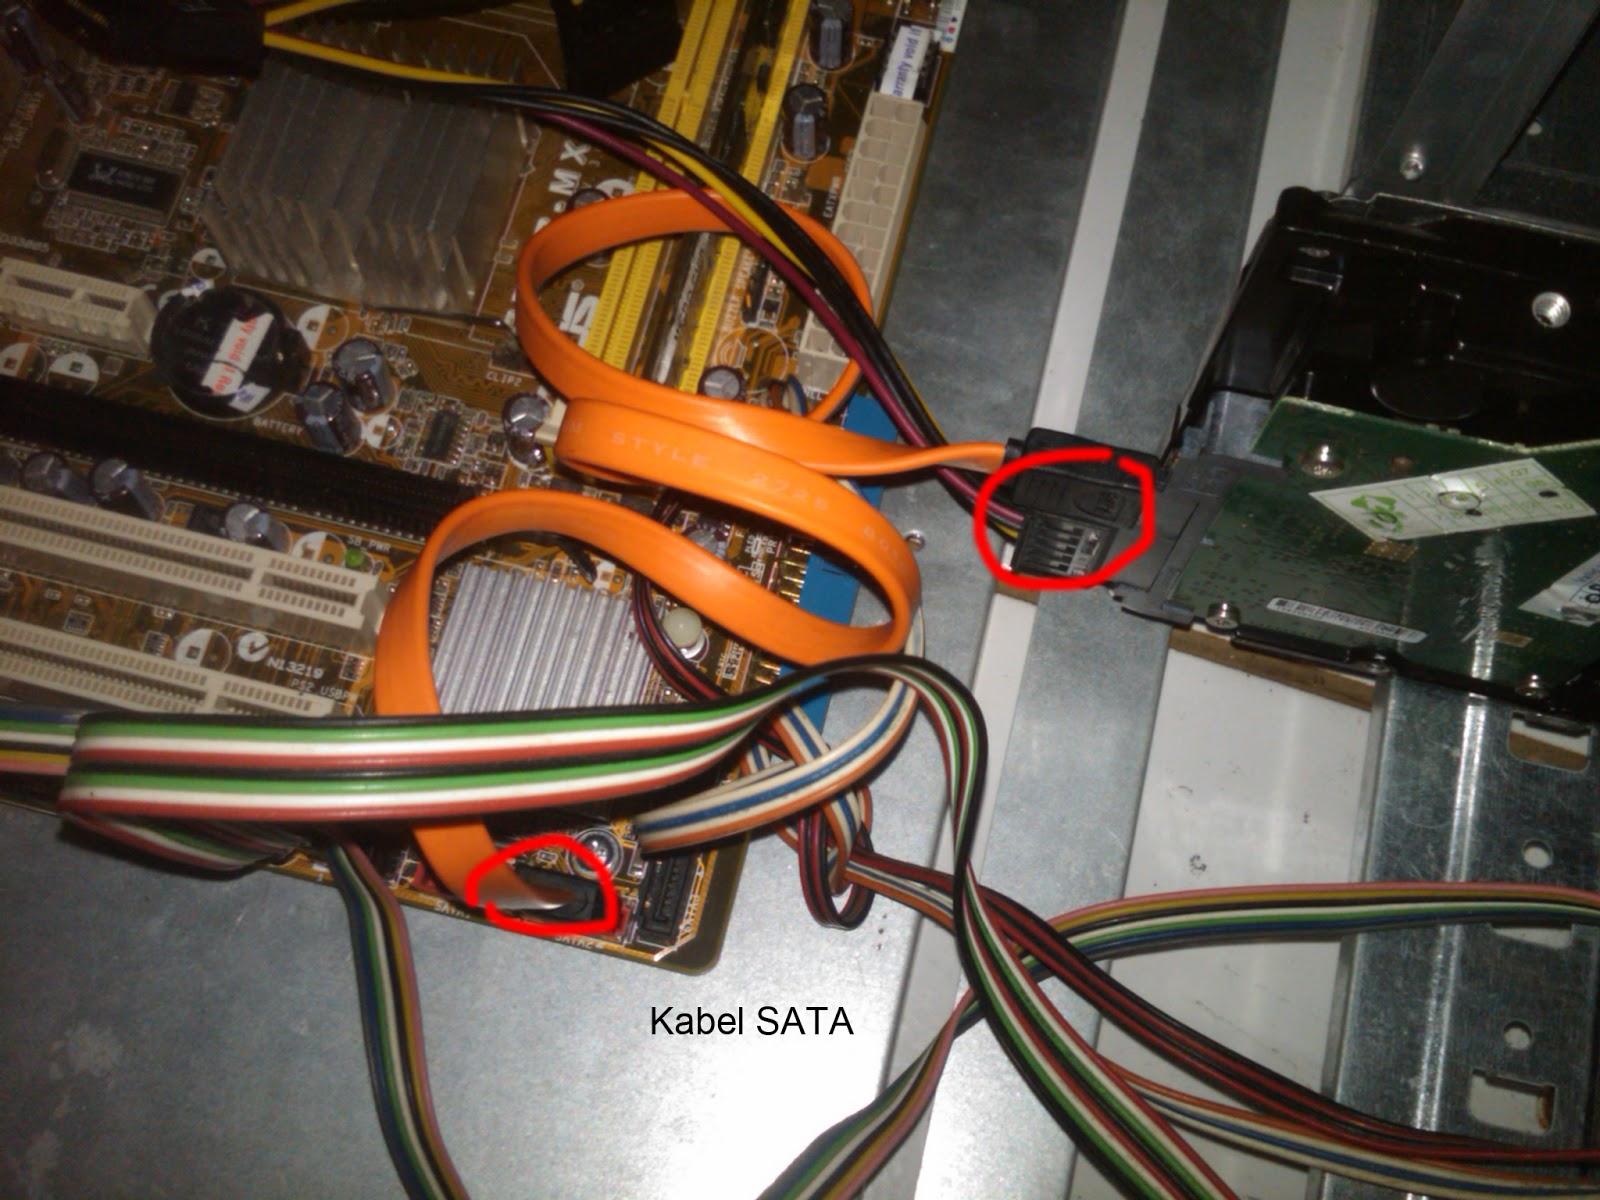 Mei 2013 Muhammad Nasir Kabel Sata Jepit 9 Memasang Komponen Pada Bus Card Adapter Yang Umum Dipasang Adalah Video Sound Network Modem Dan Scsi